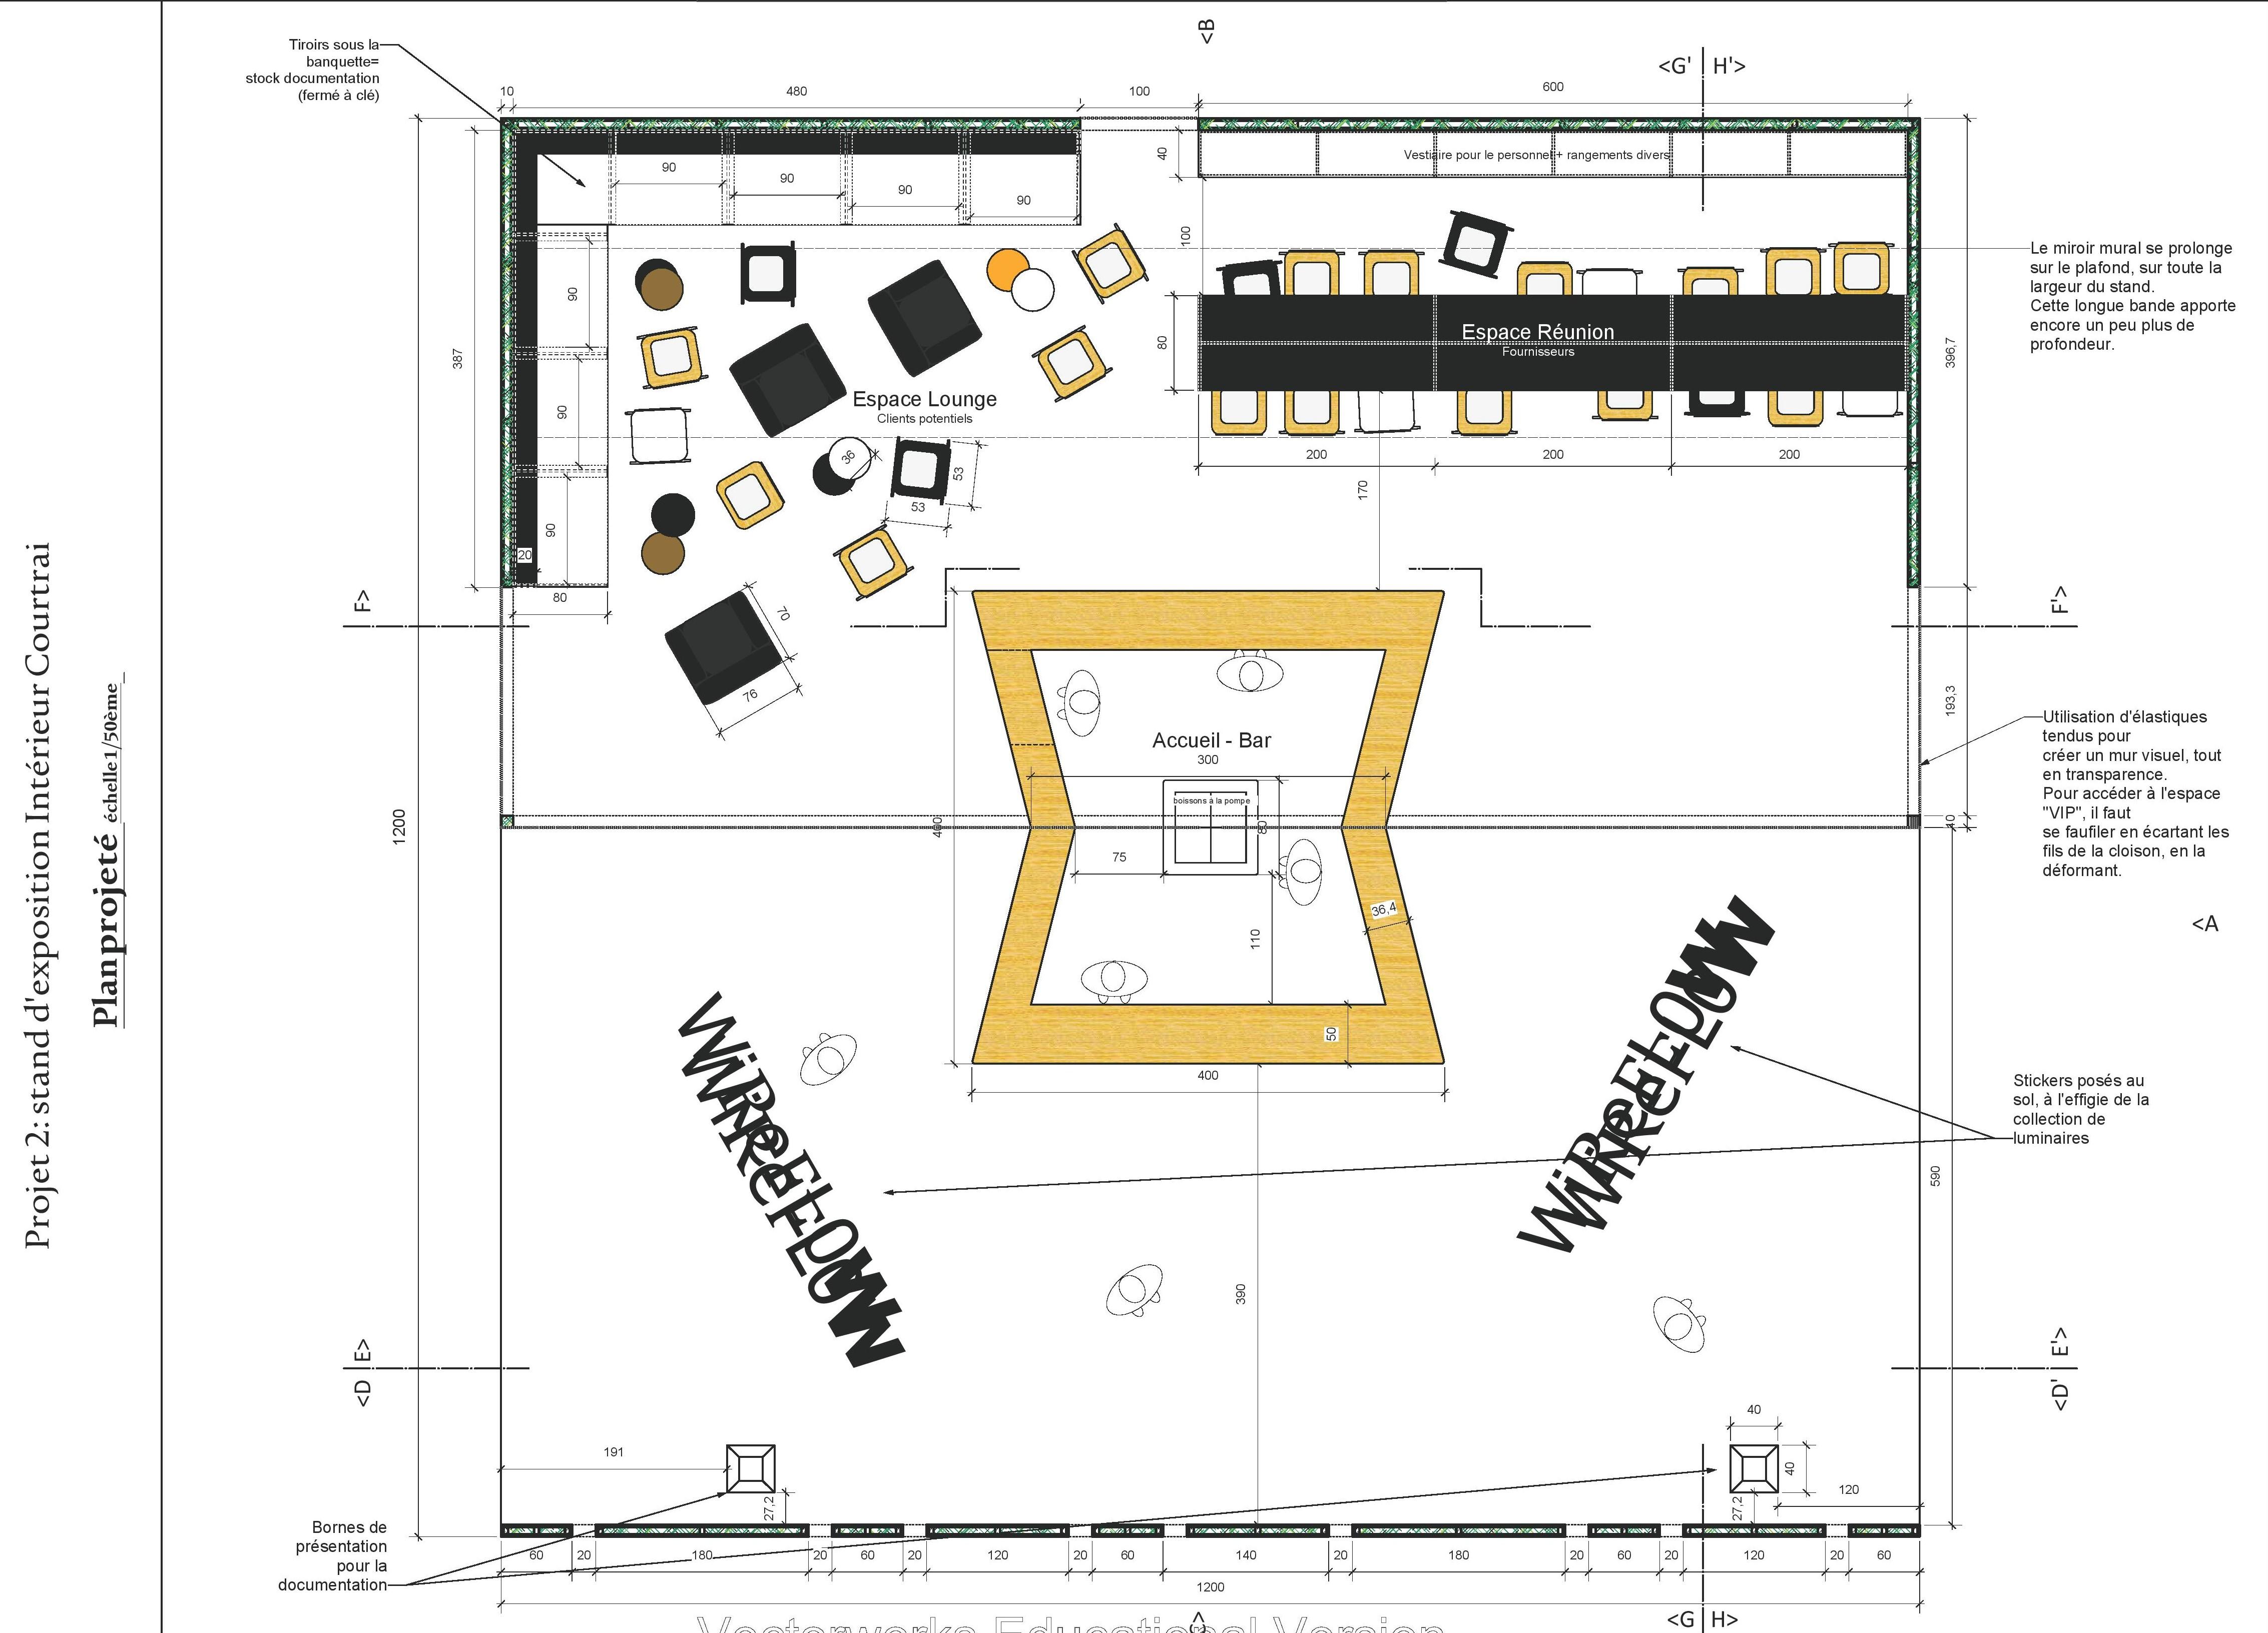 projet 2 plans impression.vwx-page-001